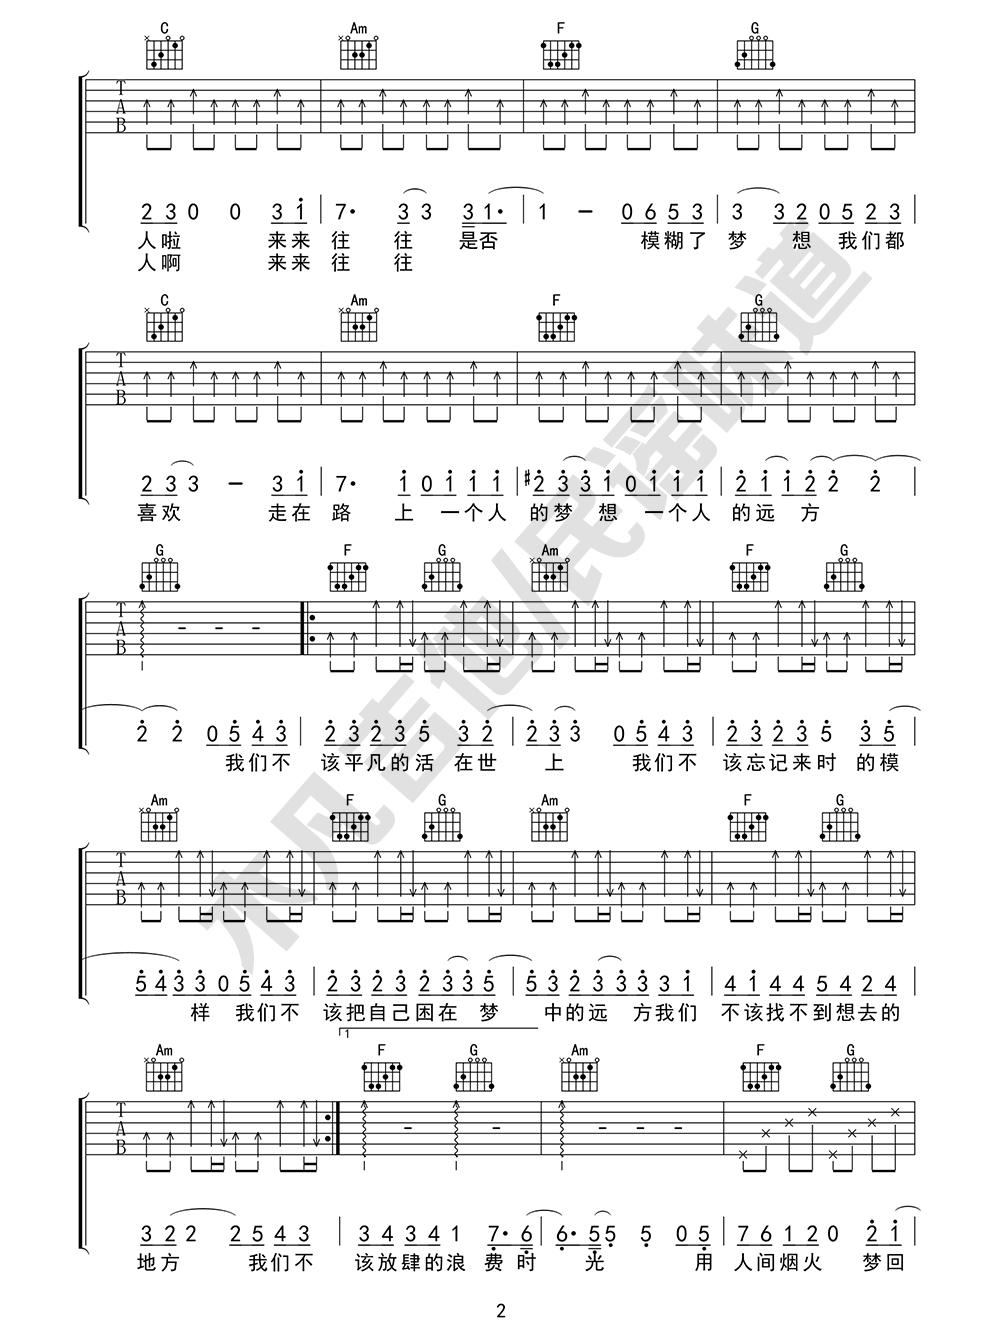 《敬长安》吉他谱_隔壁老樊_C调原版弹唱六线谱_高清图片谱2